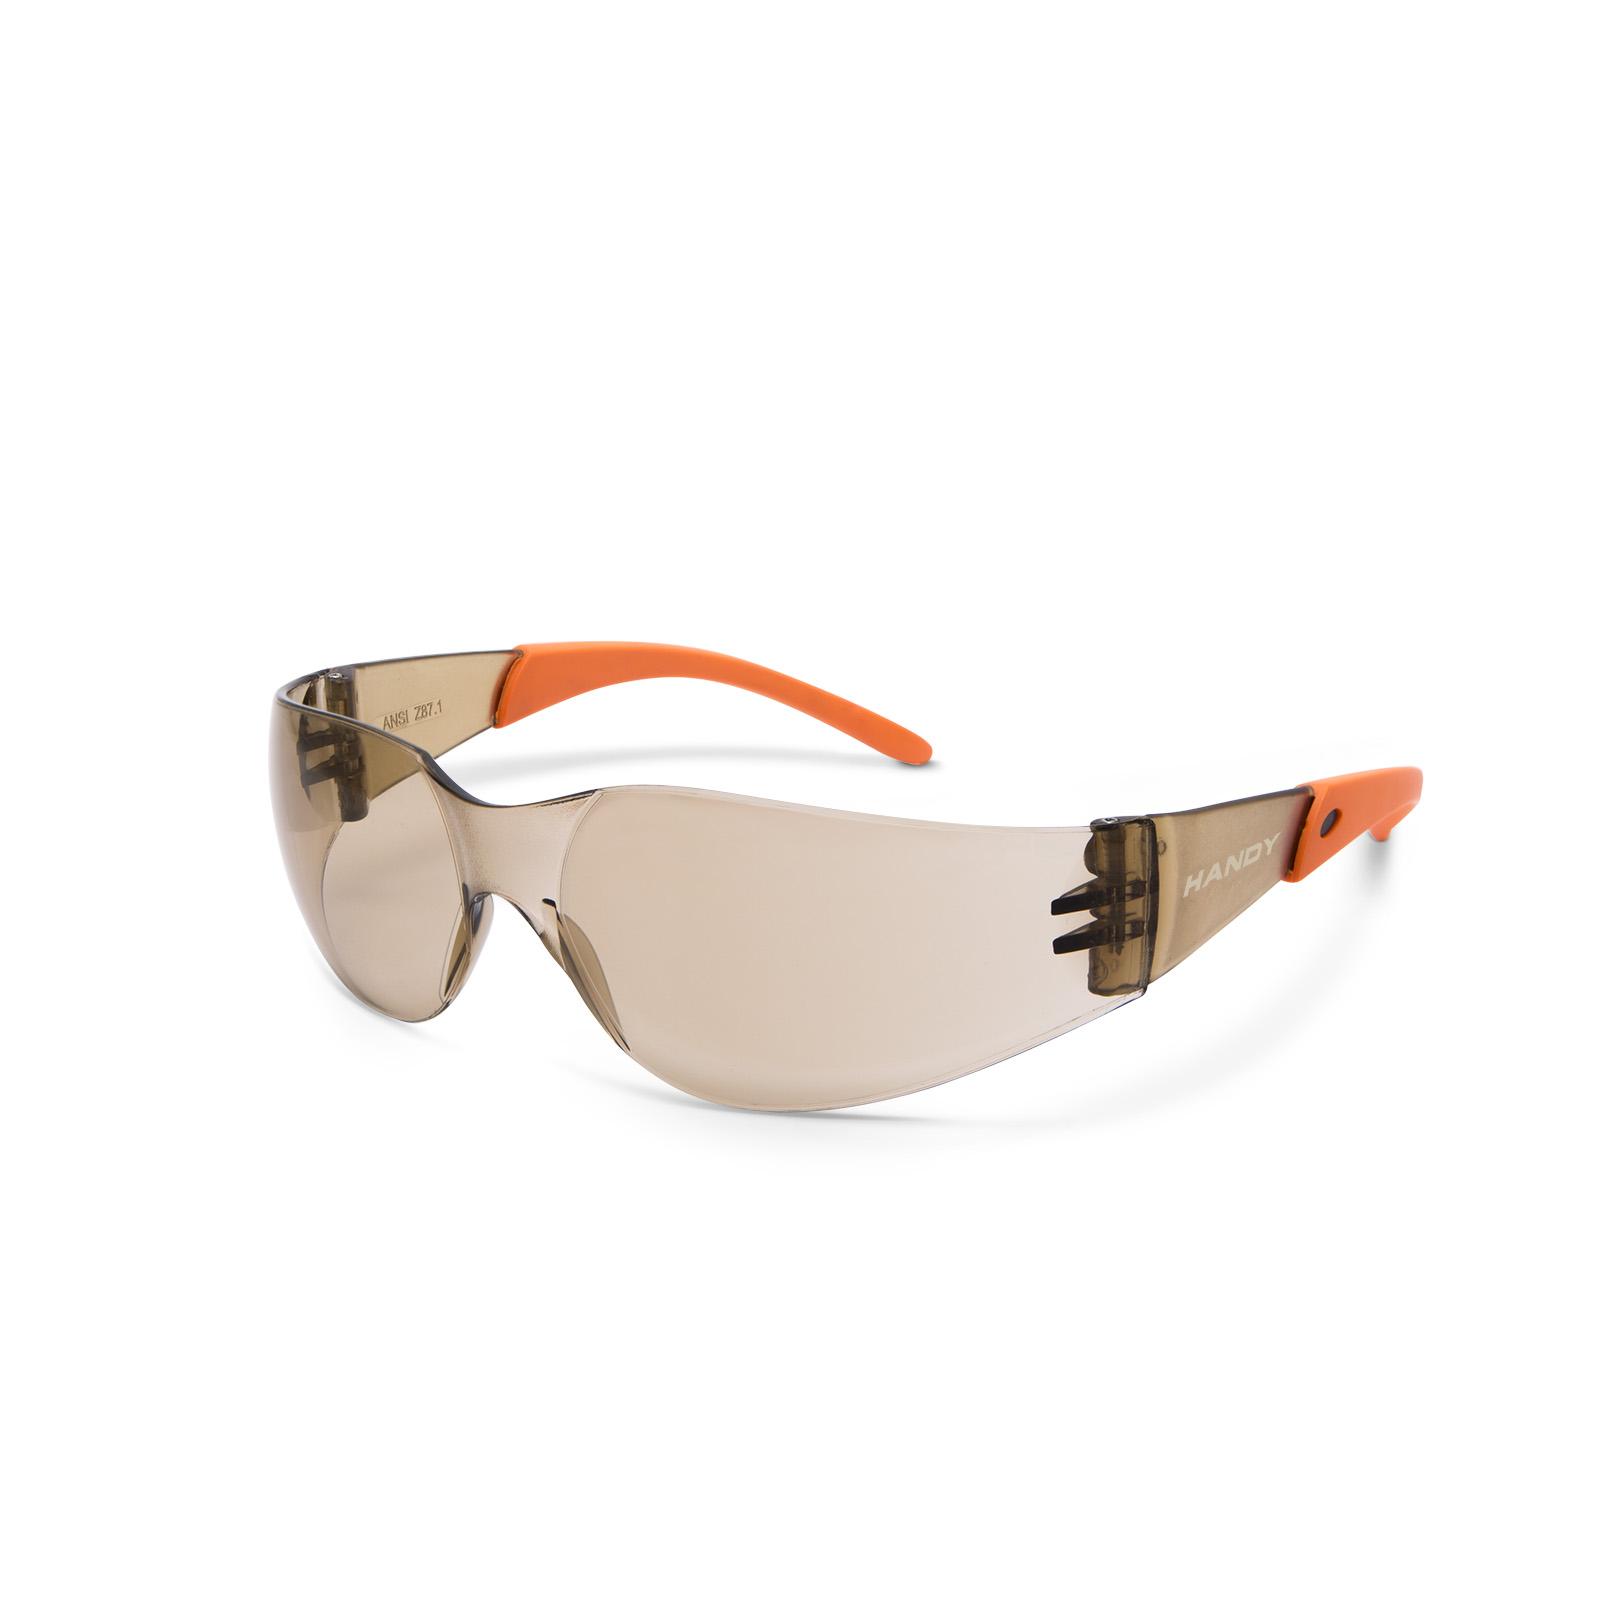 Profesionálne ochranné okuliare s UV filtrom amber 423624cac41